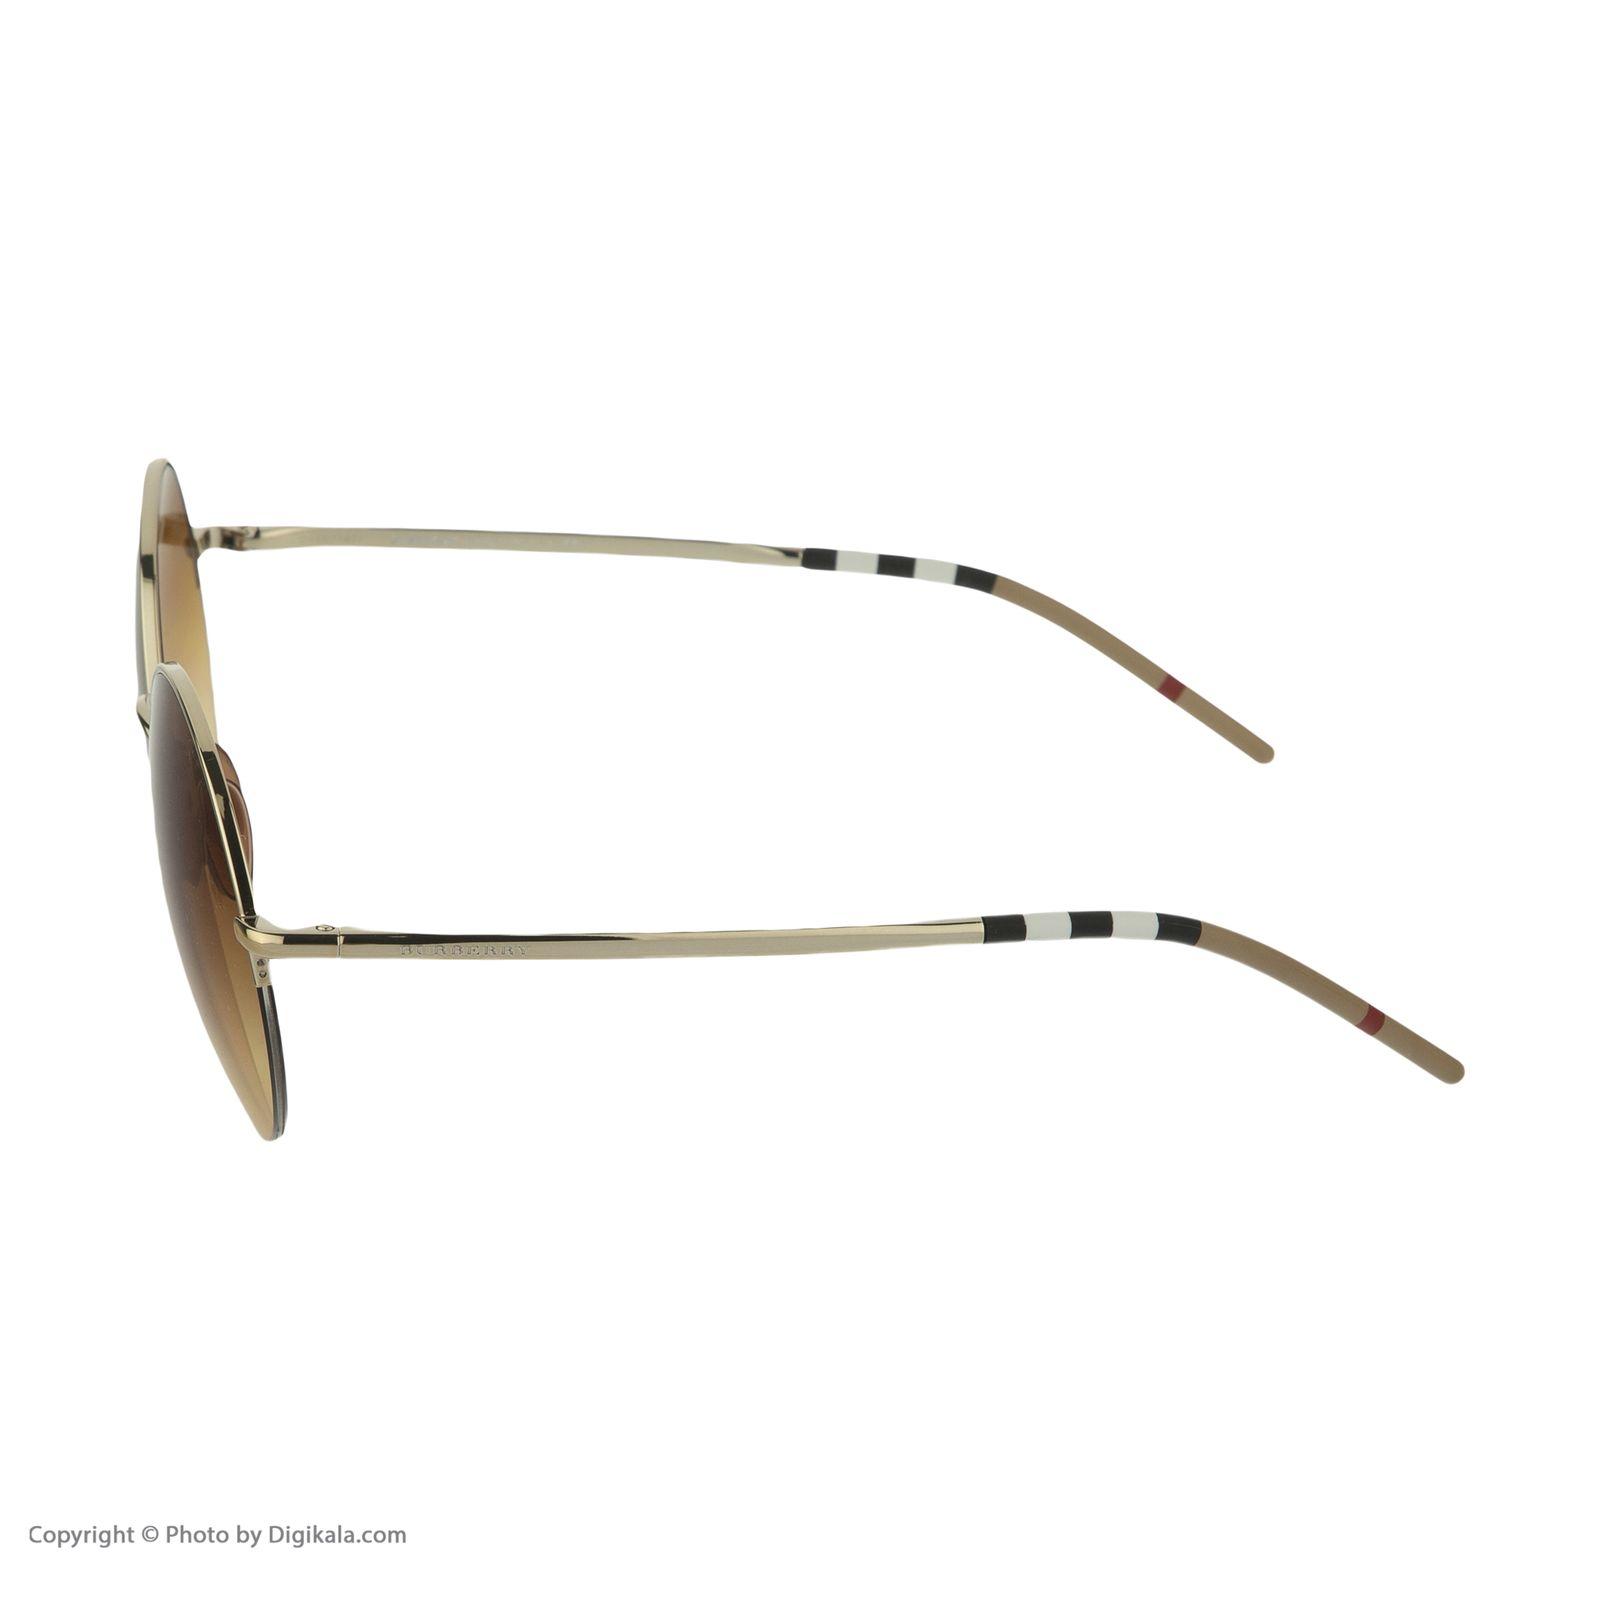 عینک آفتابی زنانه بربری مدل BE 3101S 11452L 54 -  - 6